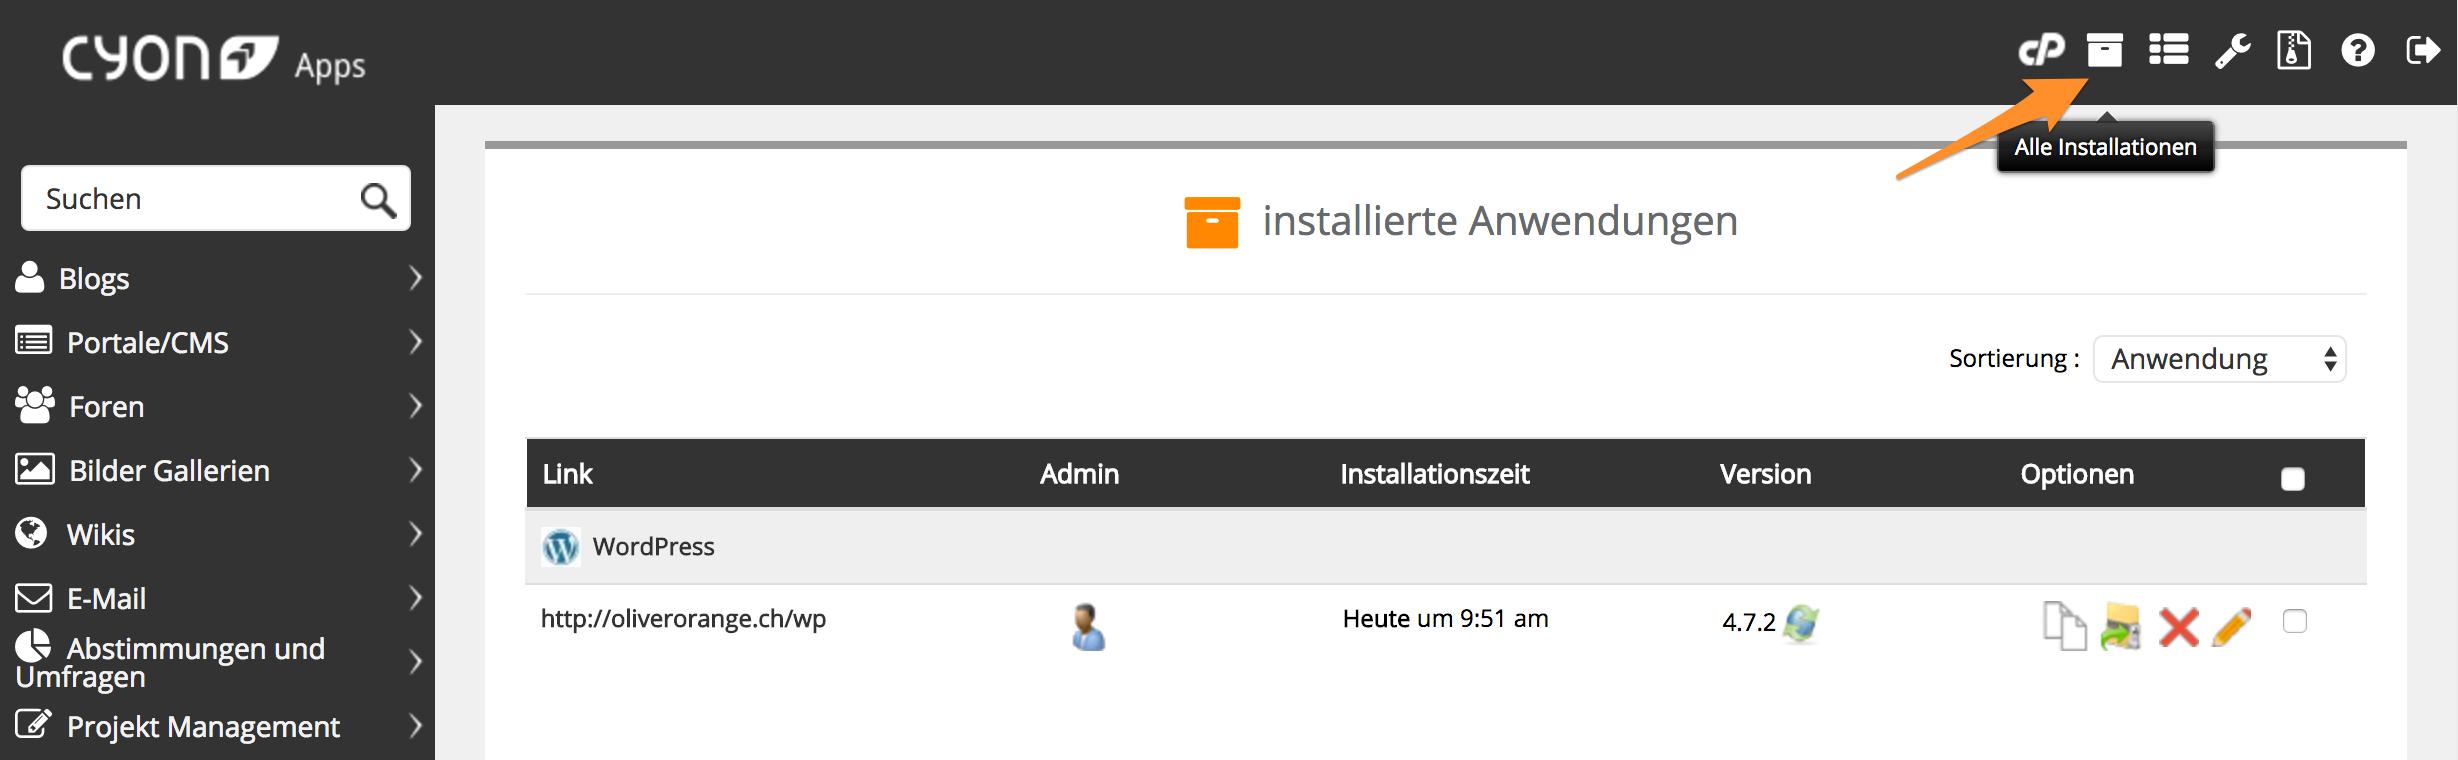 Übersicht der installierten Applikationen